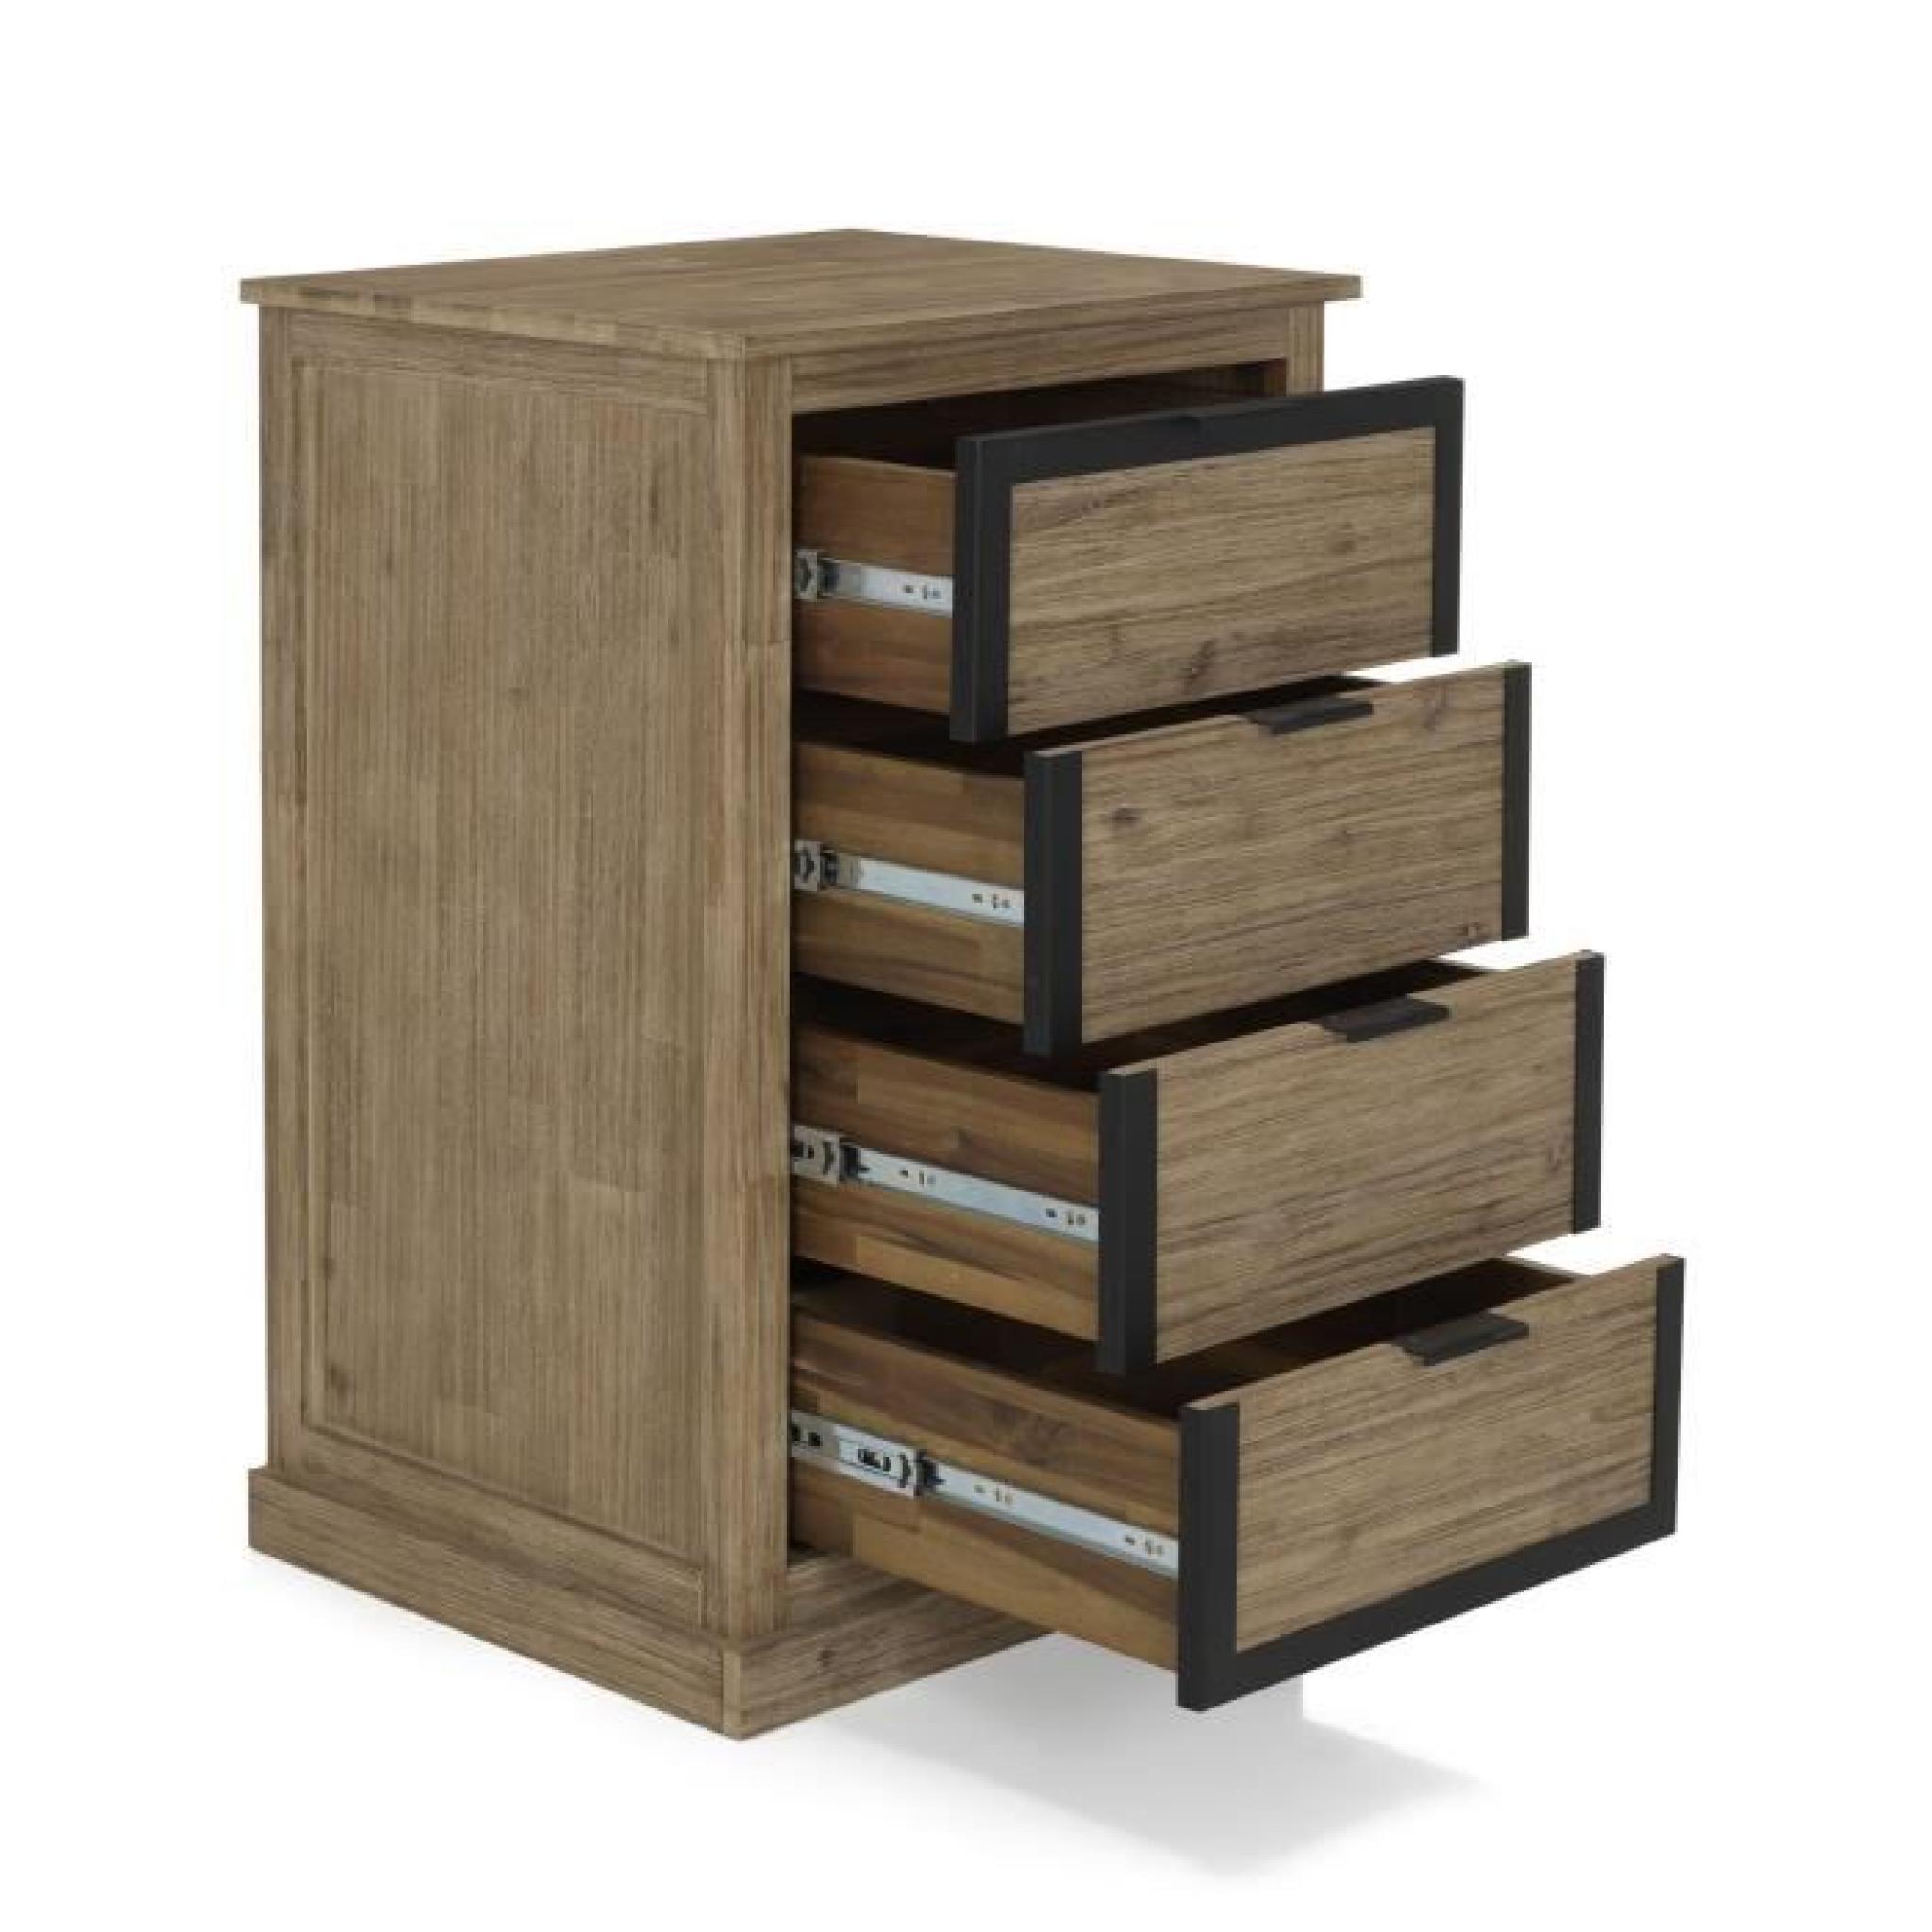 cocto chiffonnier 4 tiroirs style industriel achat vente commode pas cher couleur et. Black Bedroom Furniture Sets. Home Design Ideas